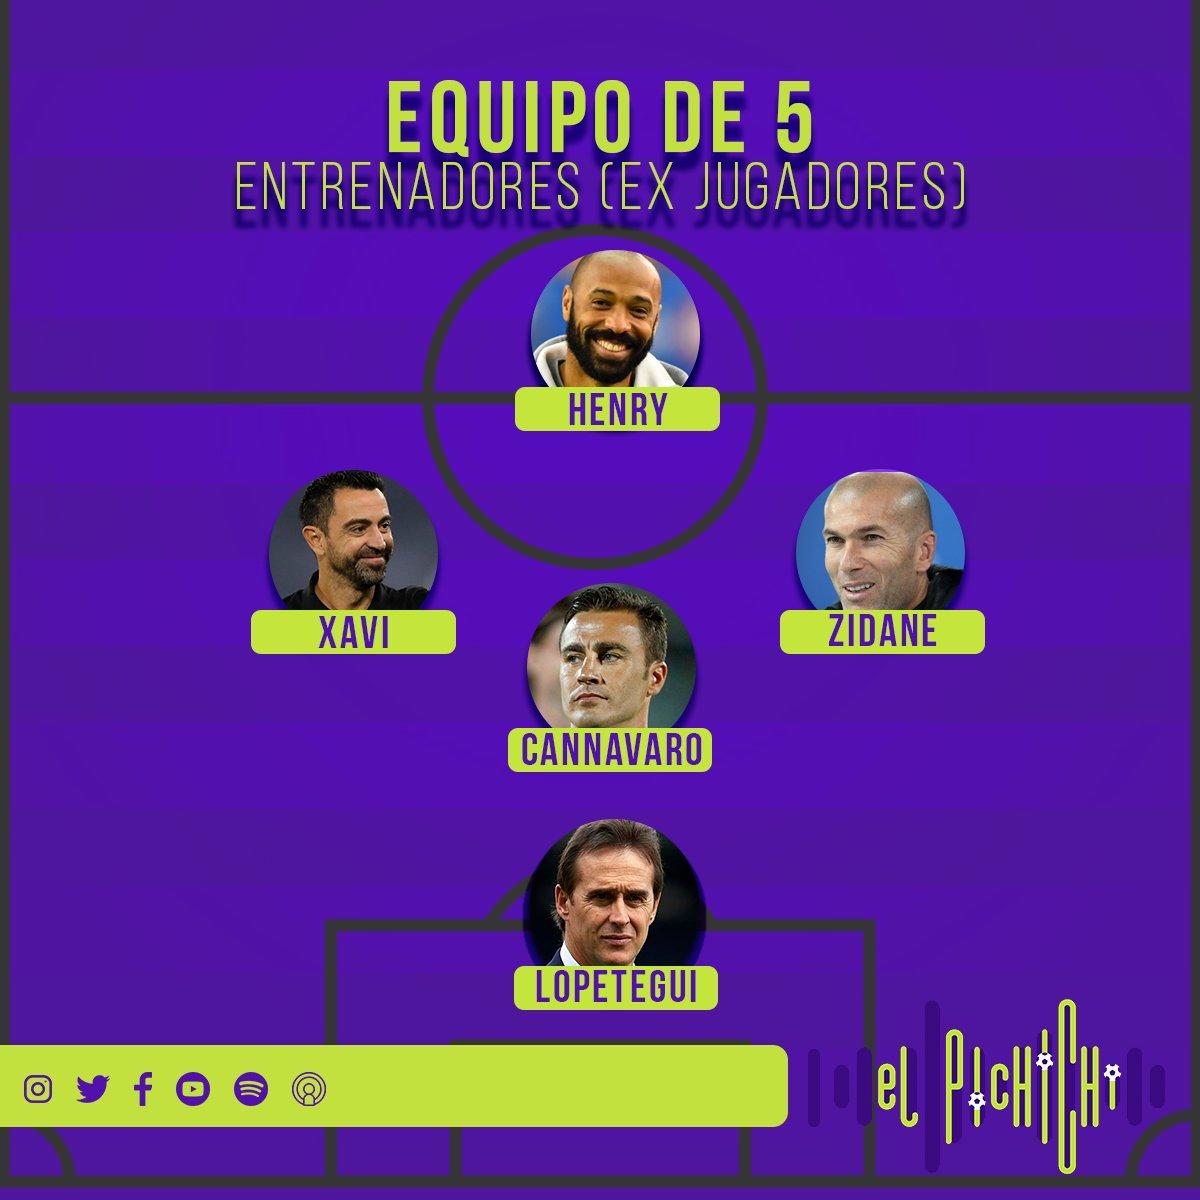 Un equipo de 5 con los mejores técnicos (calificados como jugadores) ⚽️  ¿Que cambios harías? - #Zidane #Xavi #Henry #Cannavaro #Lopetegui